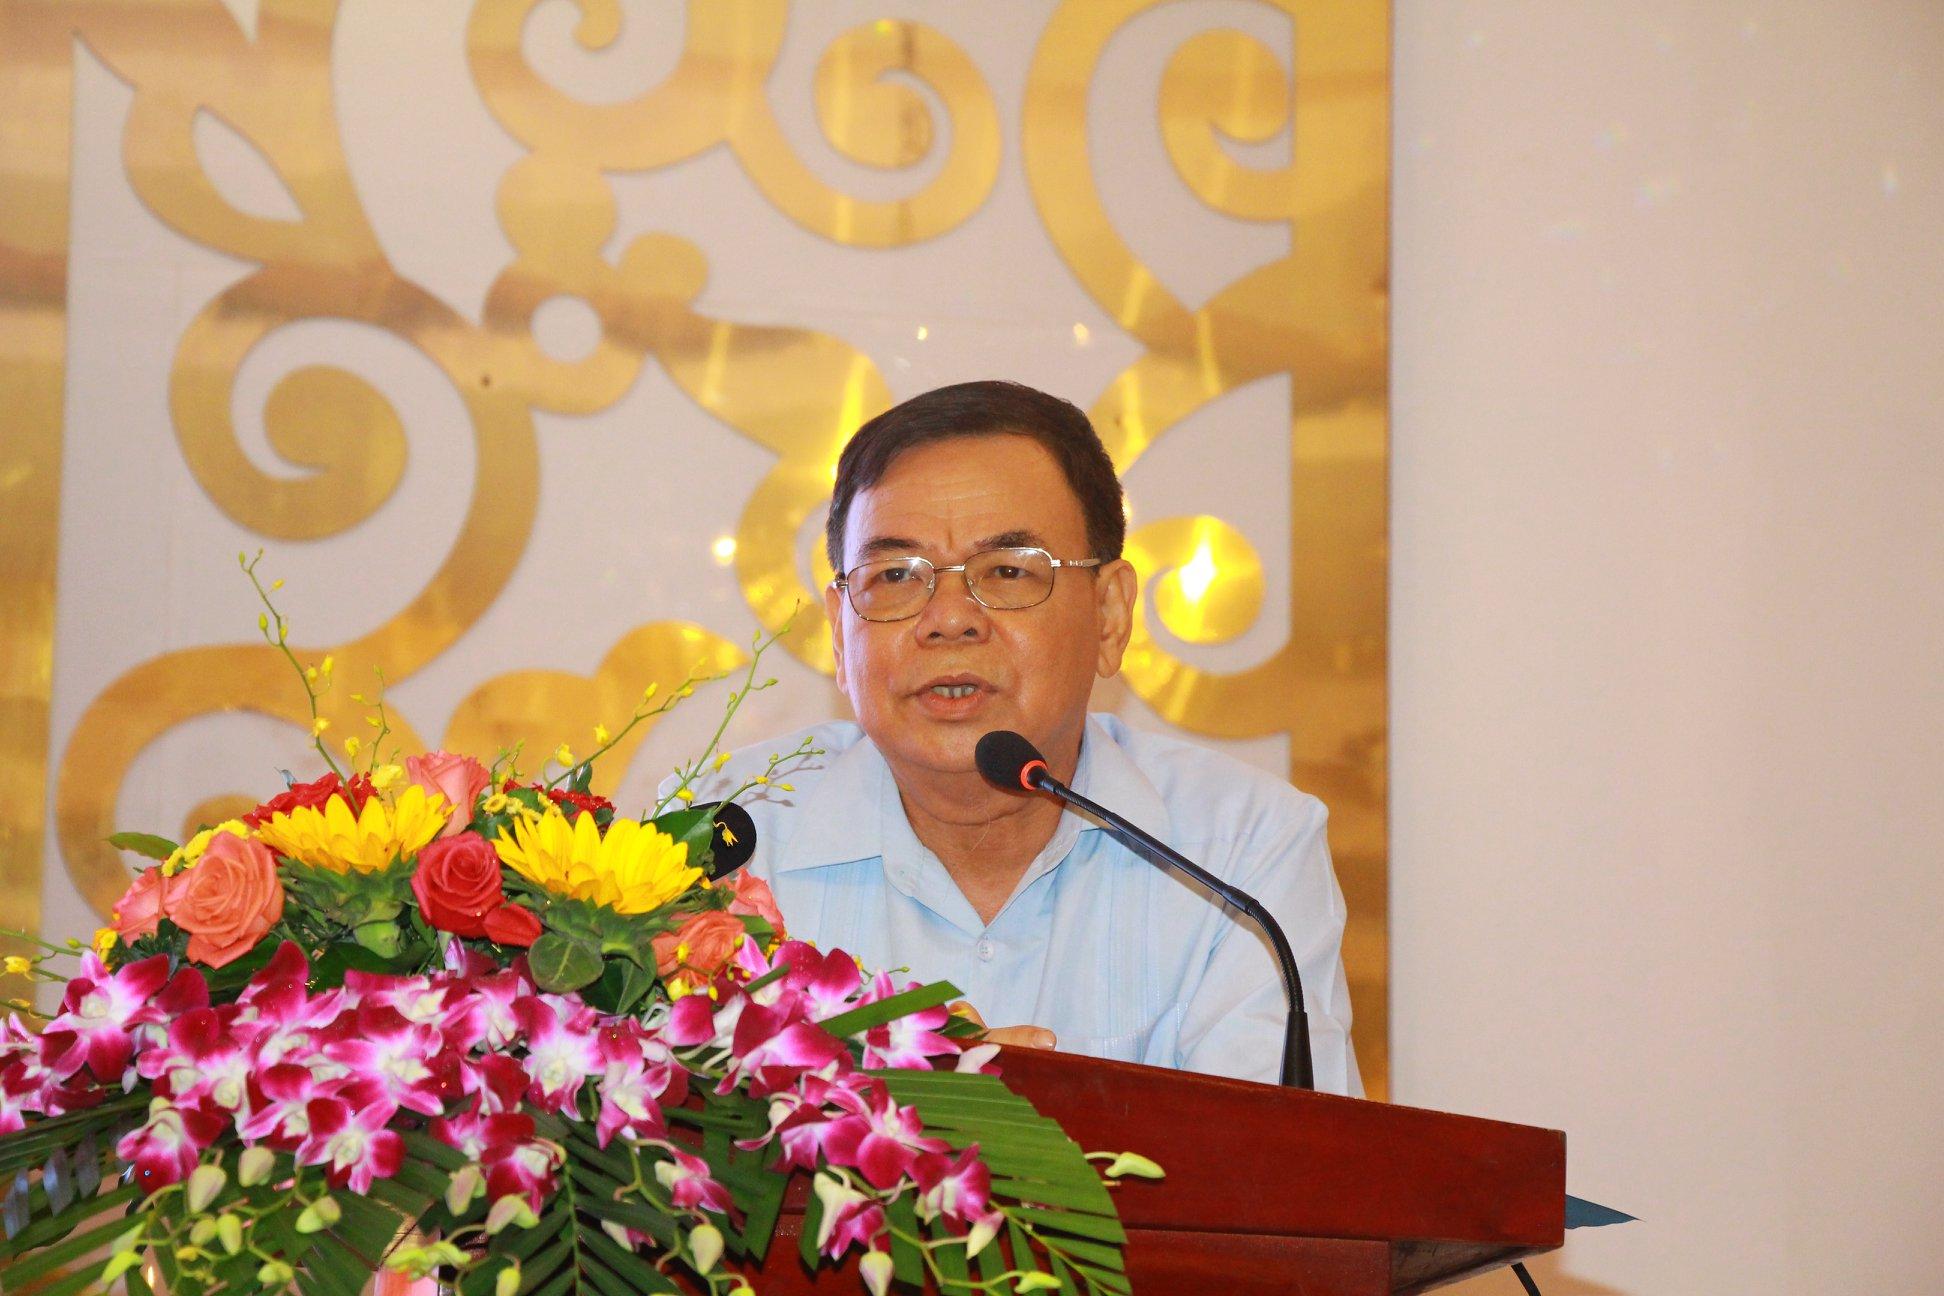 Ông Võ Thành Hạo, Bí thư Tỉnh ủy Bến Tre phát biểu tại hội nghị sơ kết Đồng khởi Khởi nghiệp. Ảnh: BTC